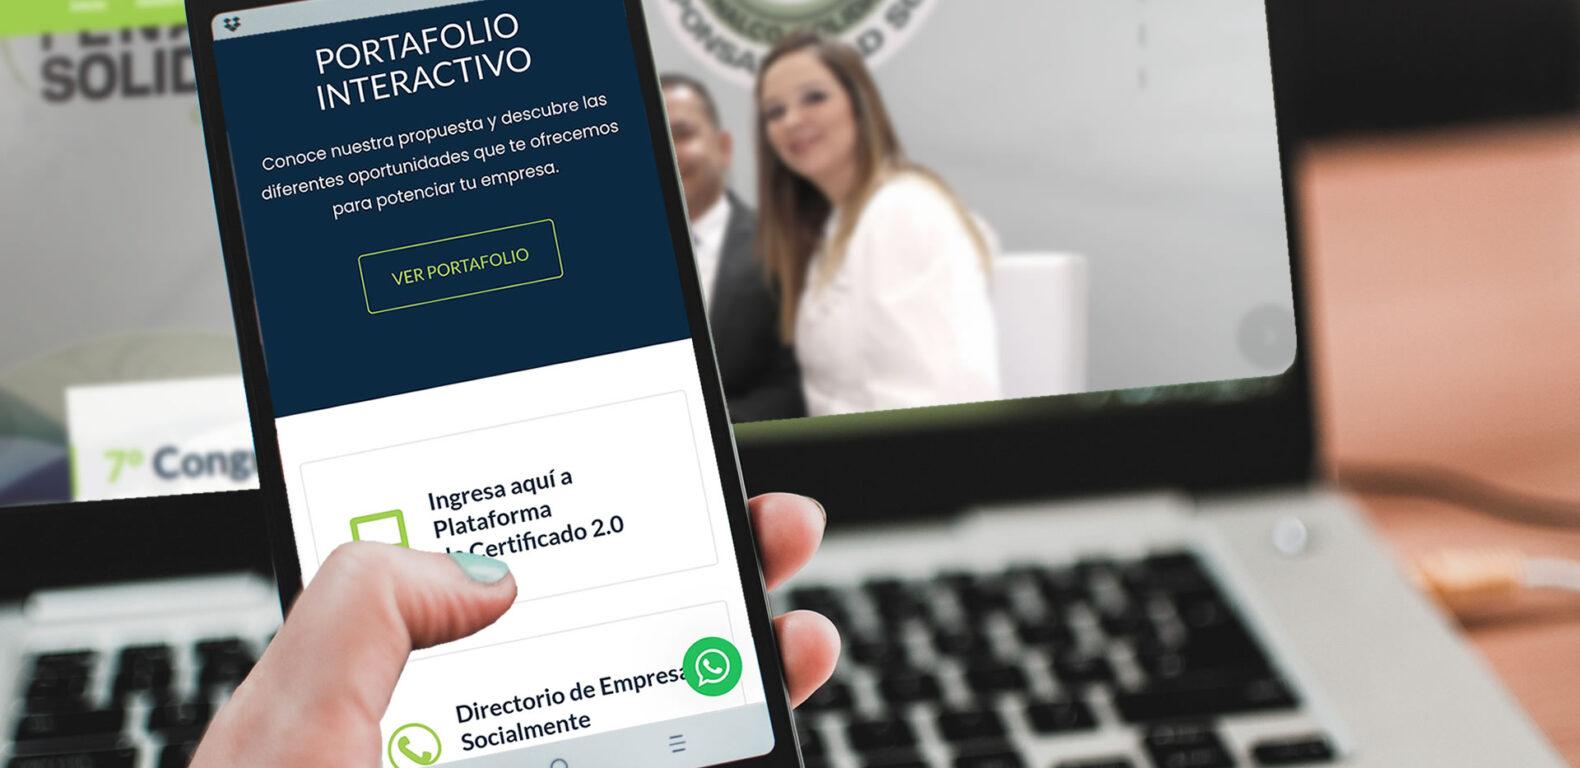 Fenalco-Solidario-noticia-rediseno-web